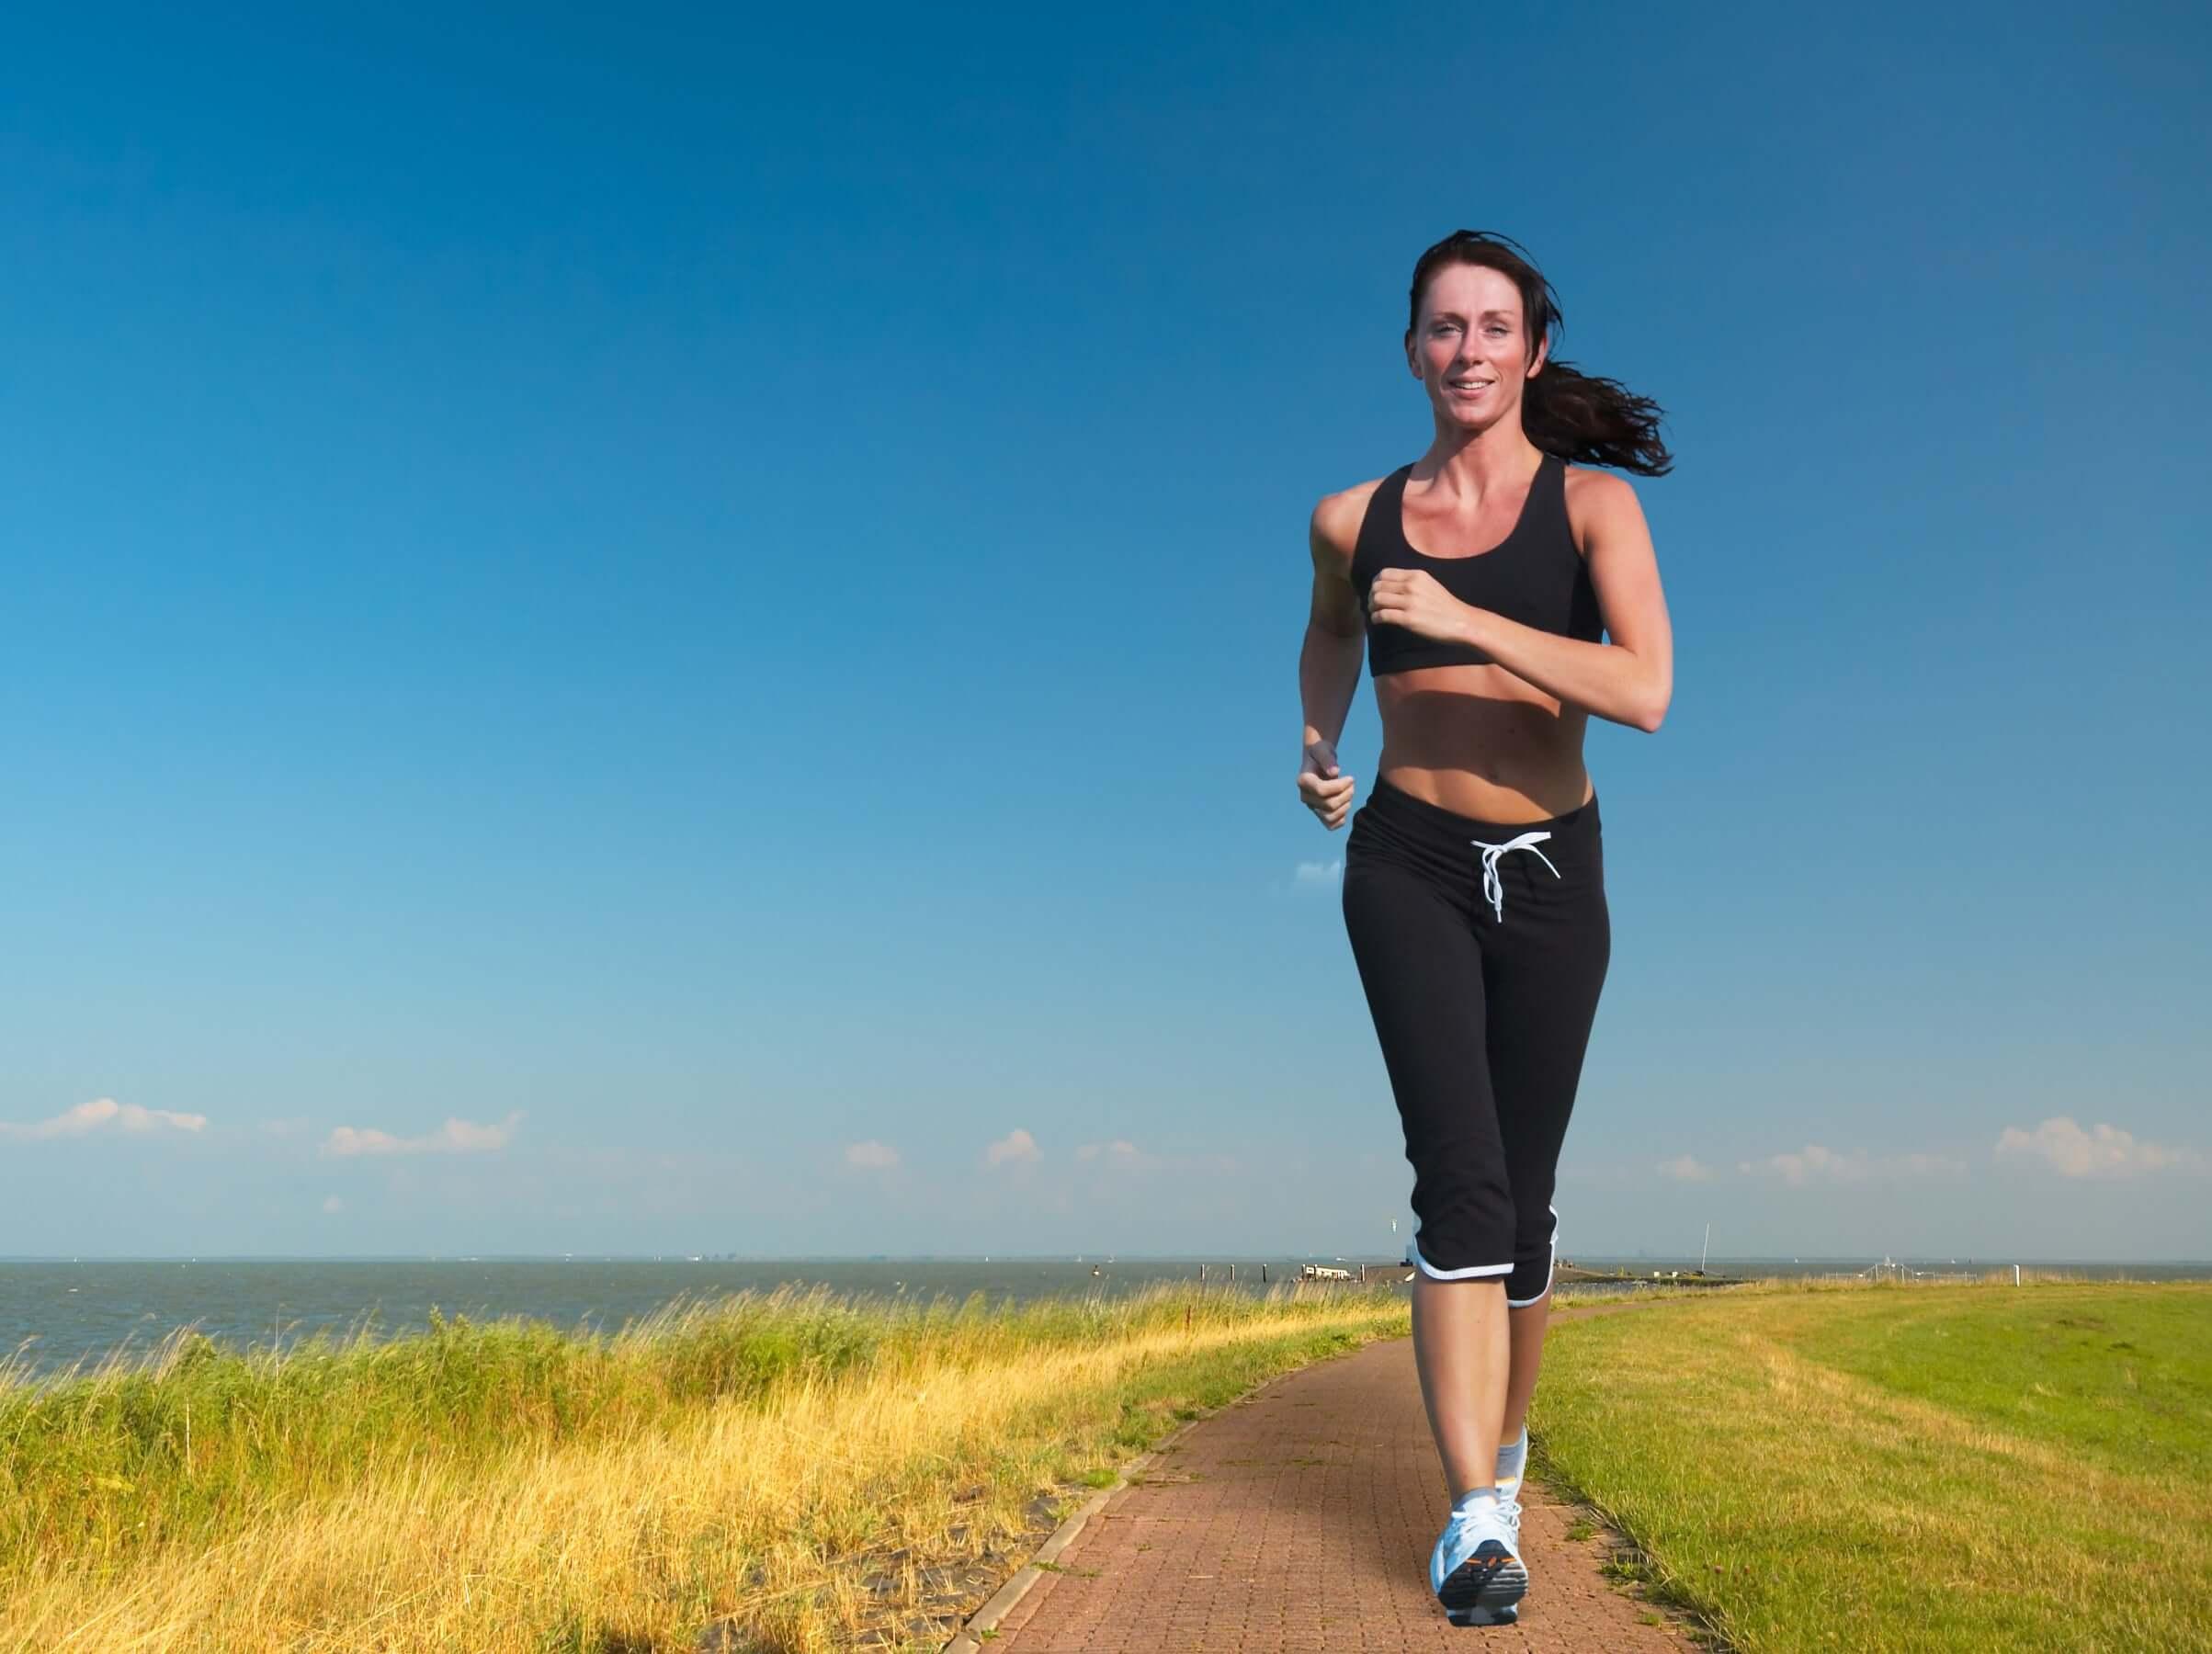 A woman running near the ocean.